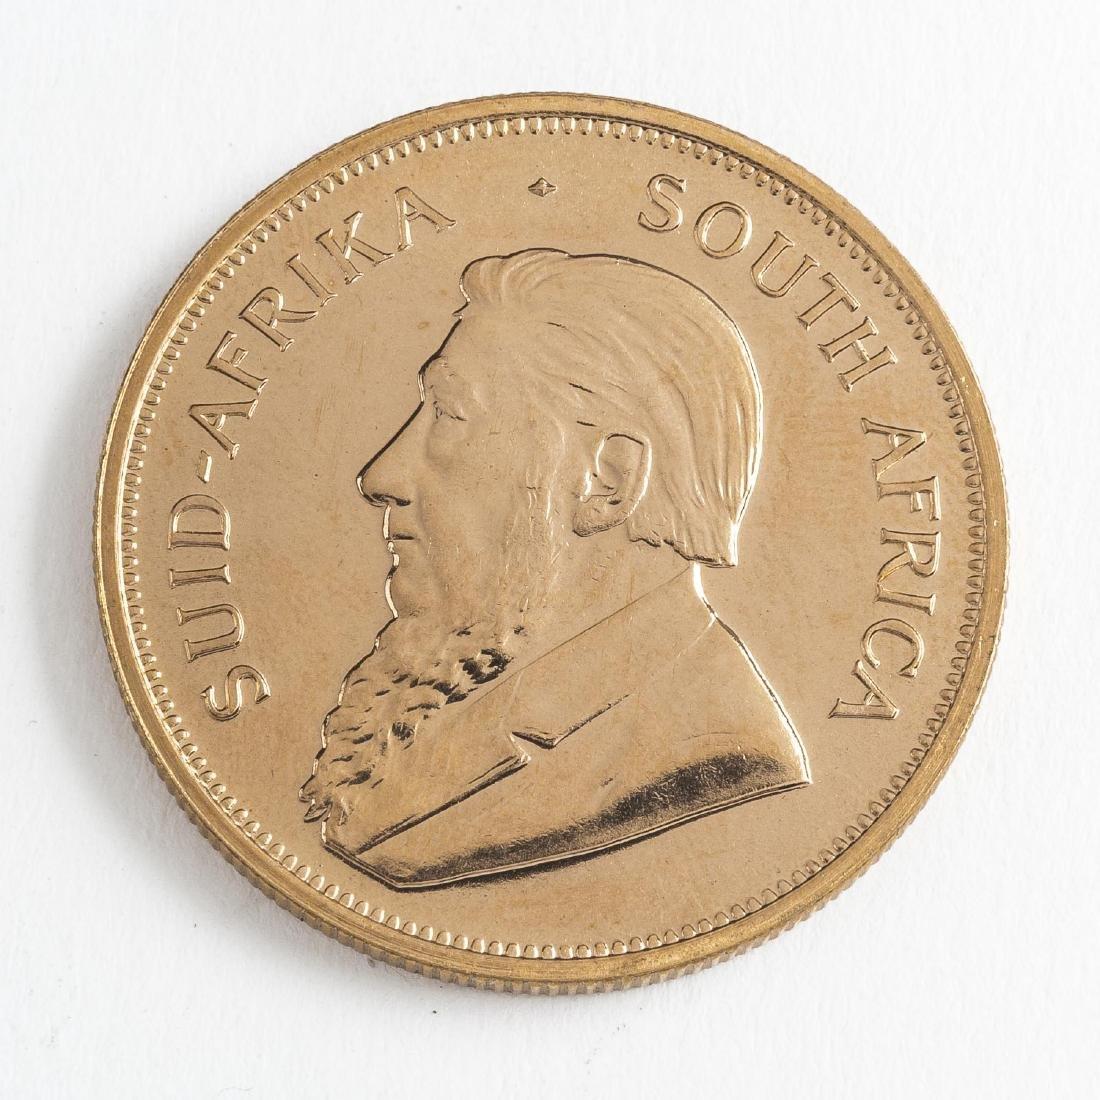 1978 1 Ounce Gold Krugerrand